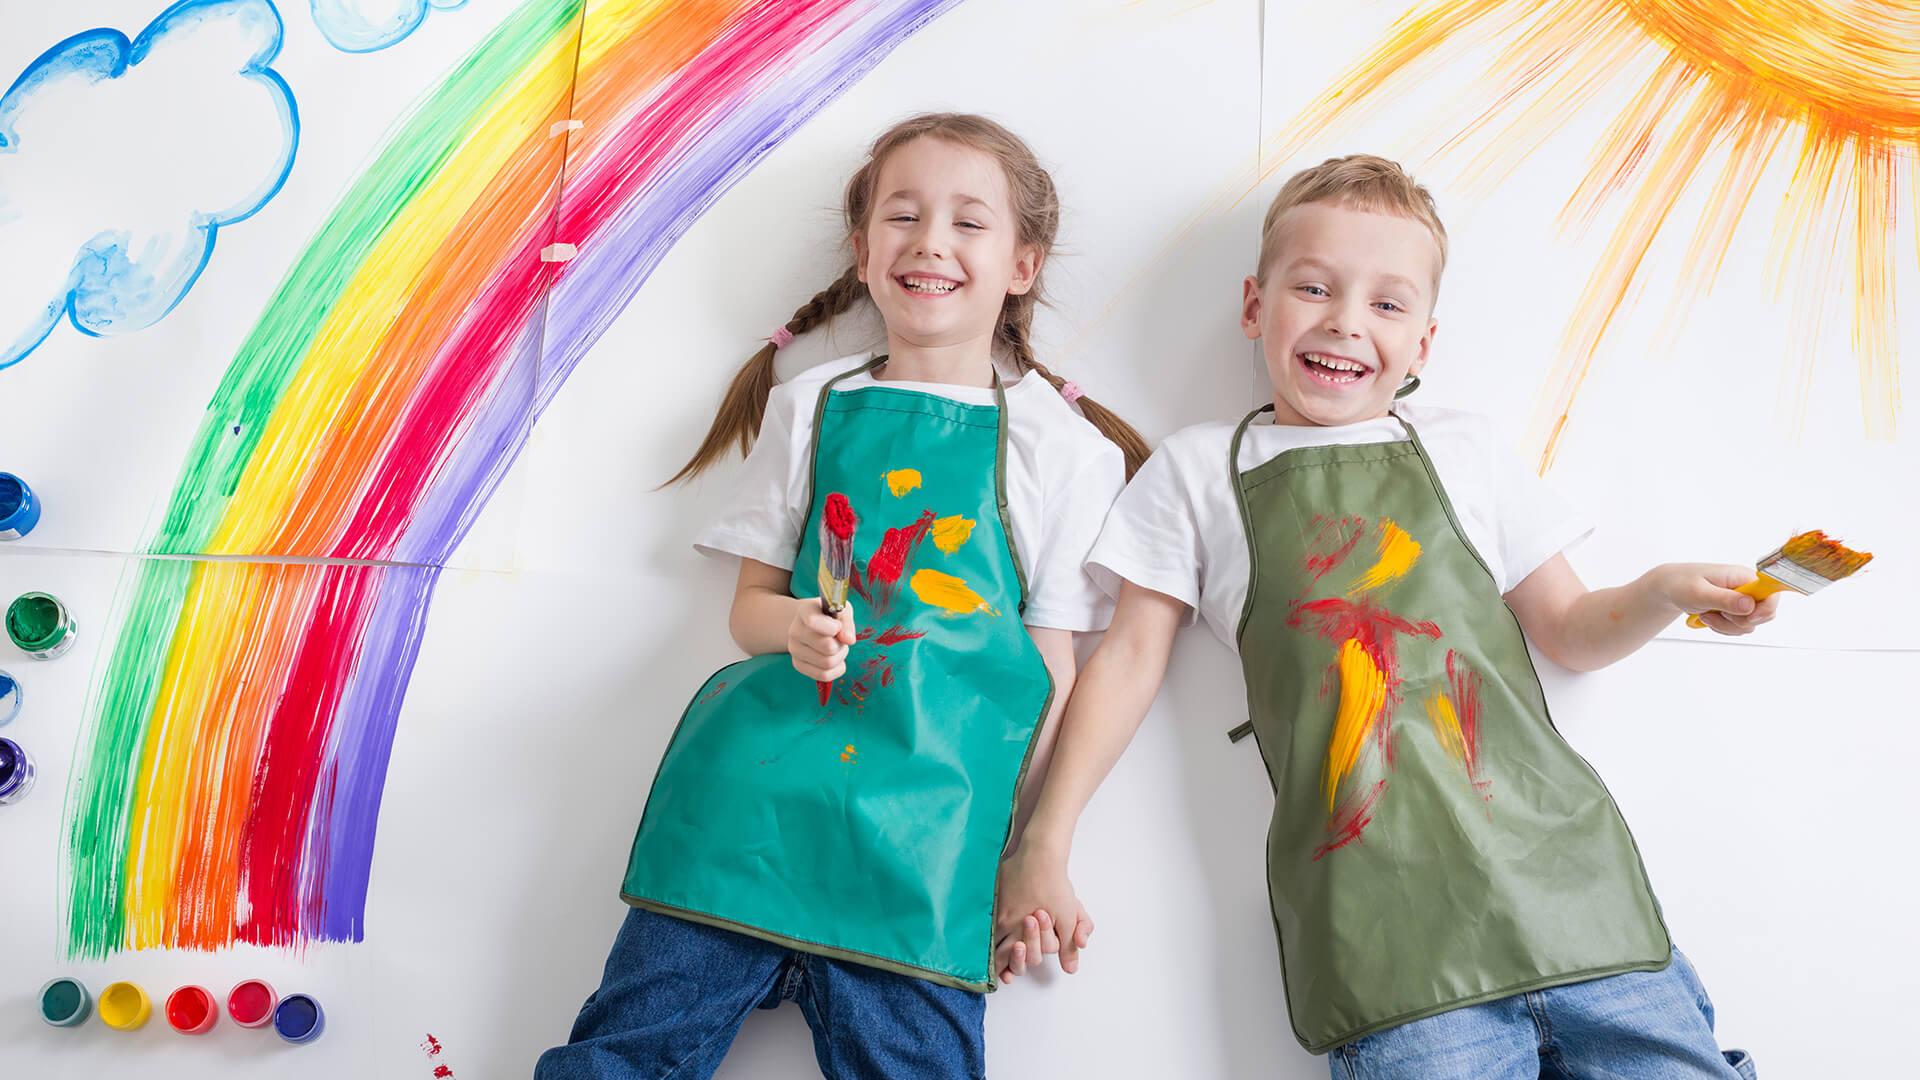 Weltkindertag-Kinder-Spende-Carl-Roth-Organisation-Lachen-Freude